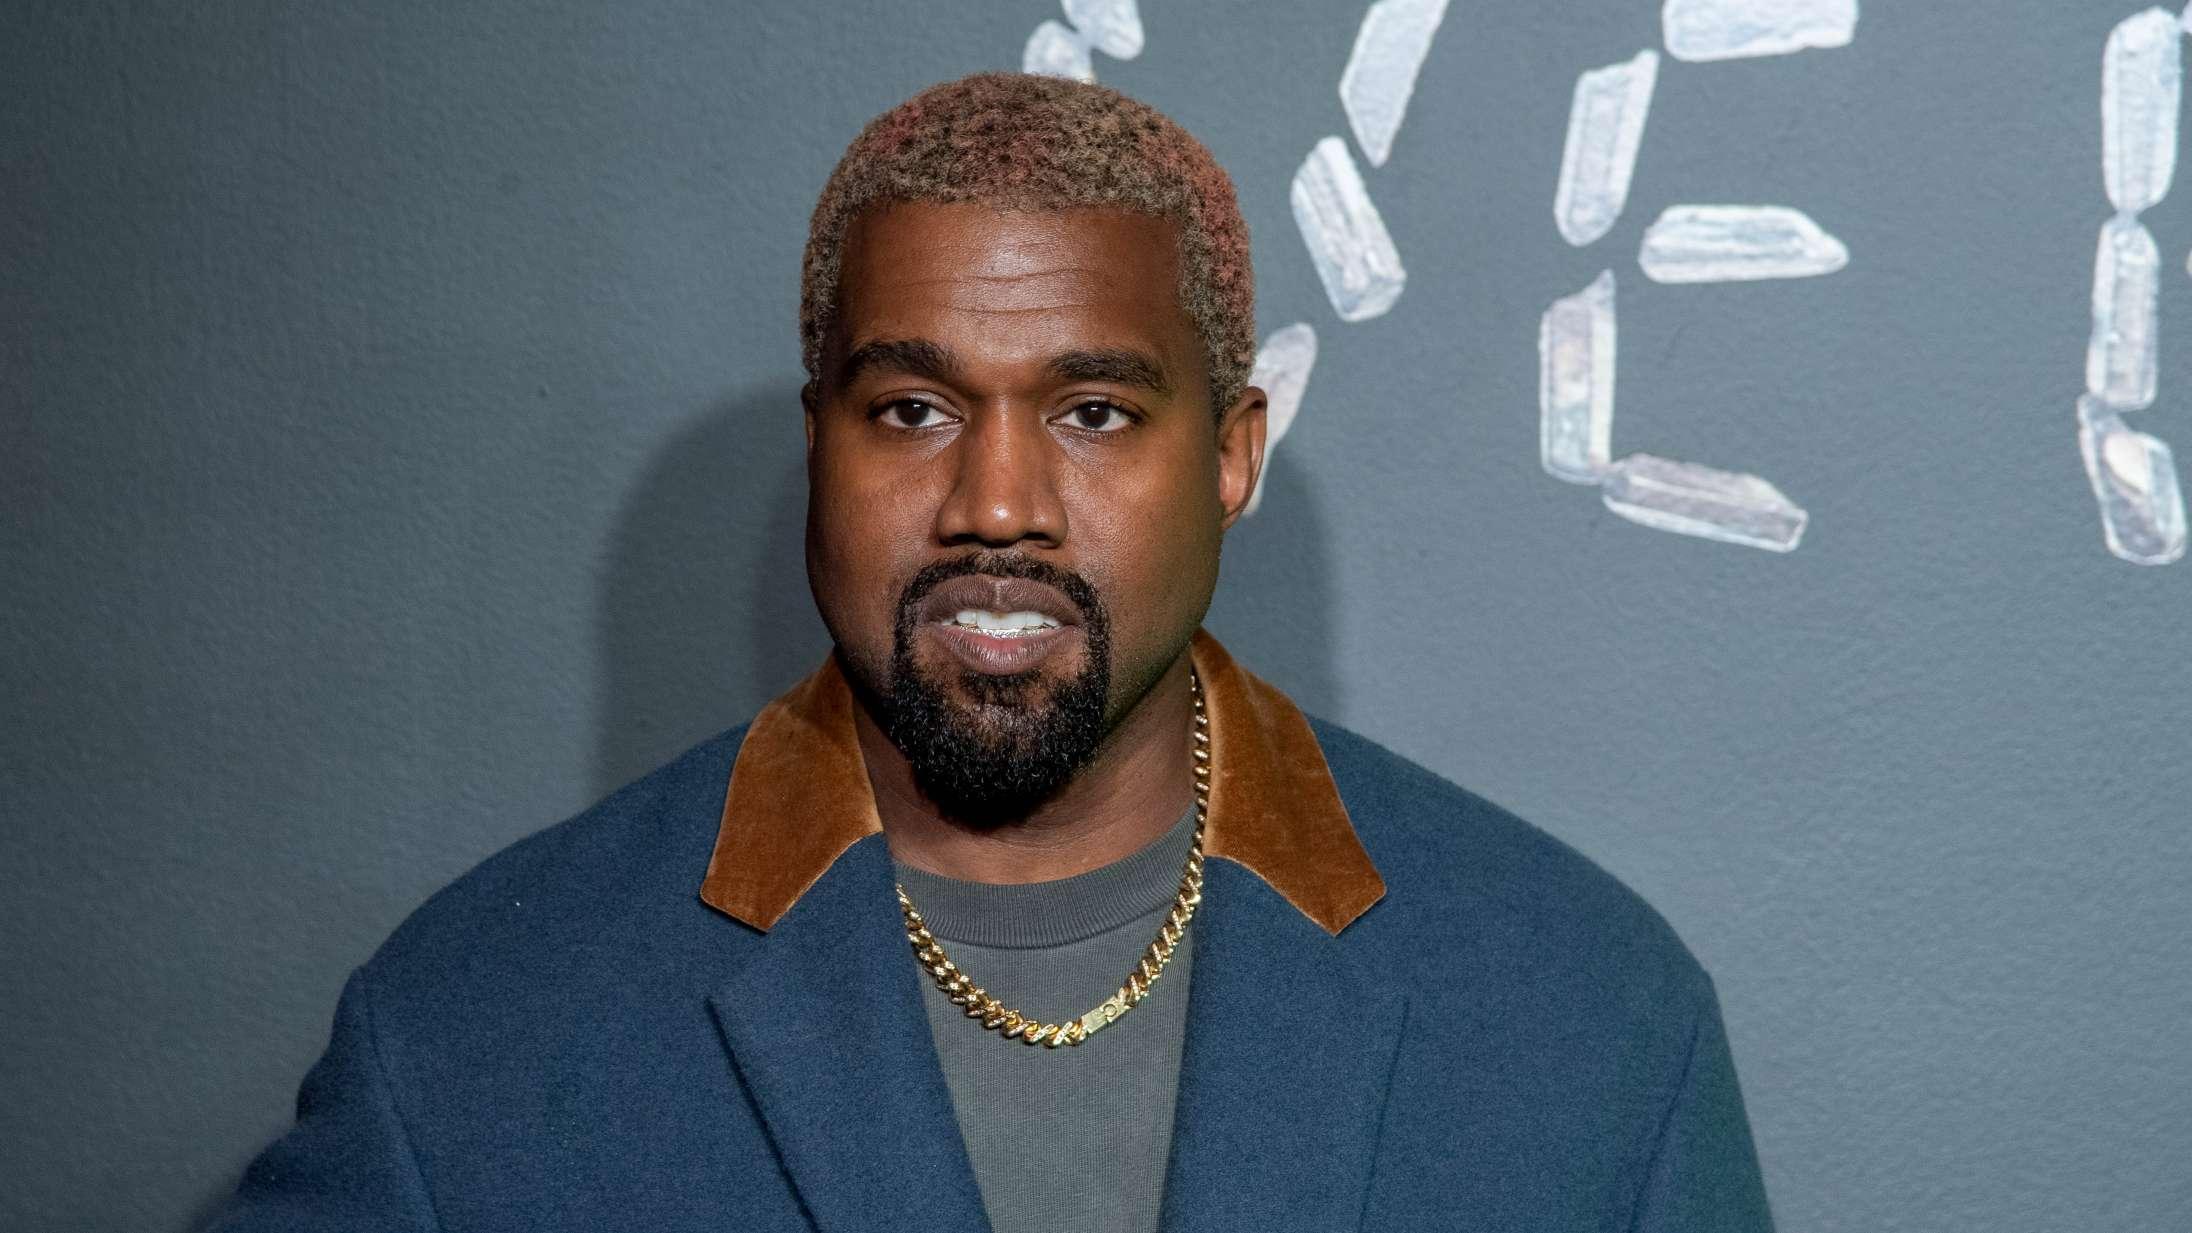 Kanye West raser mod Drake i 127 tweets: »Drake har ringet og truet mig«